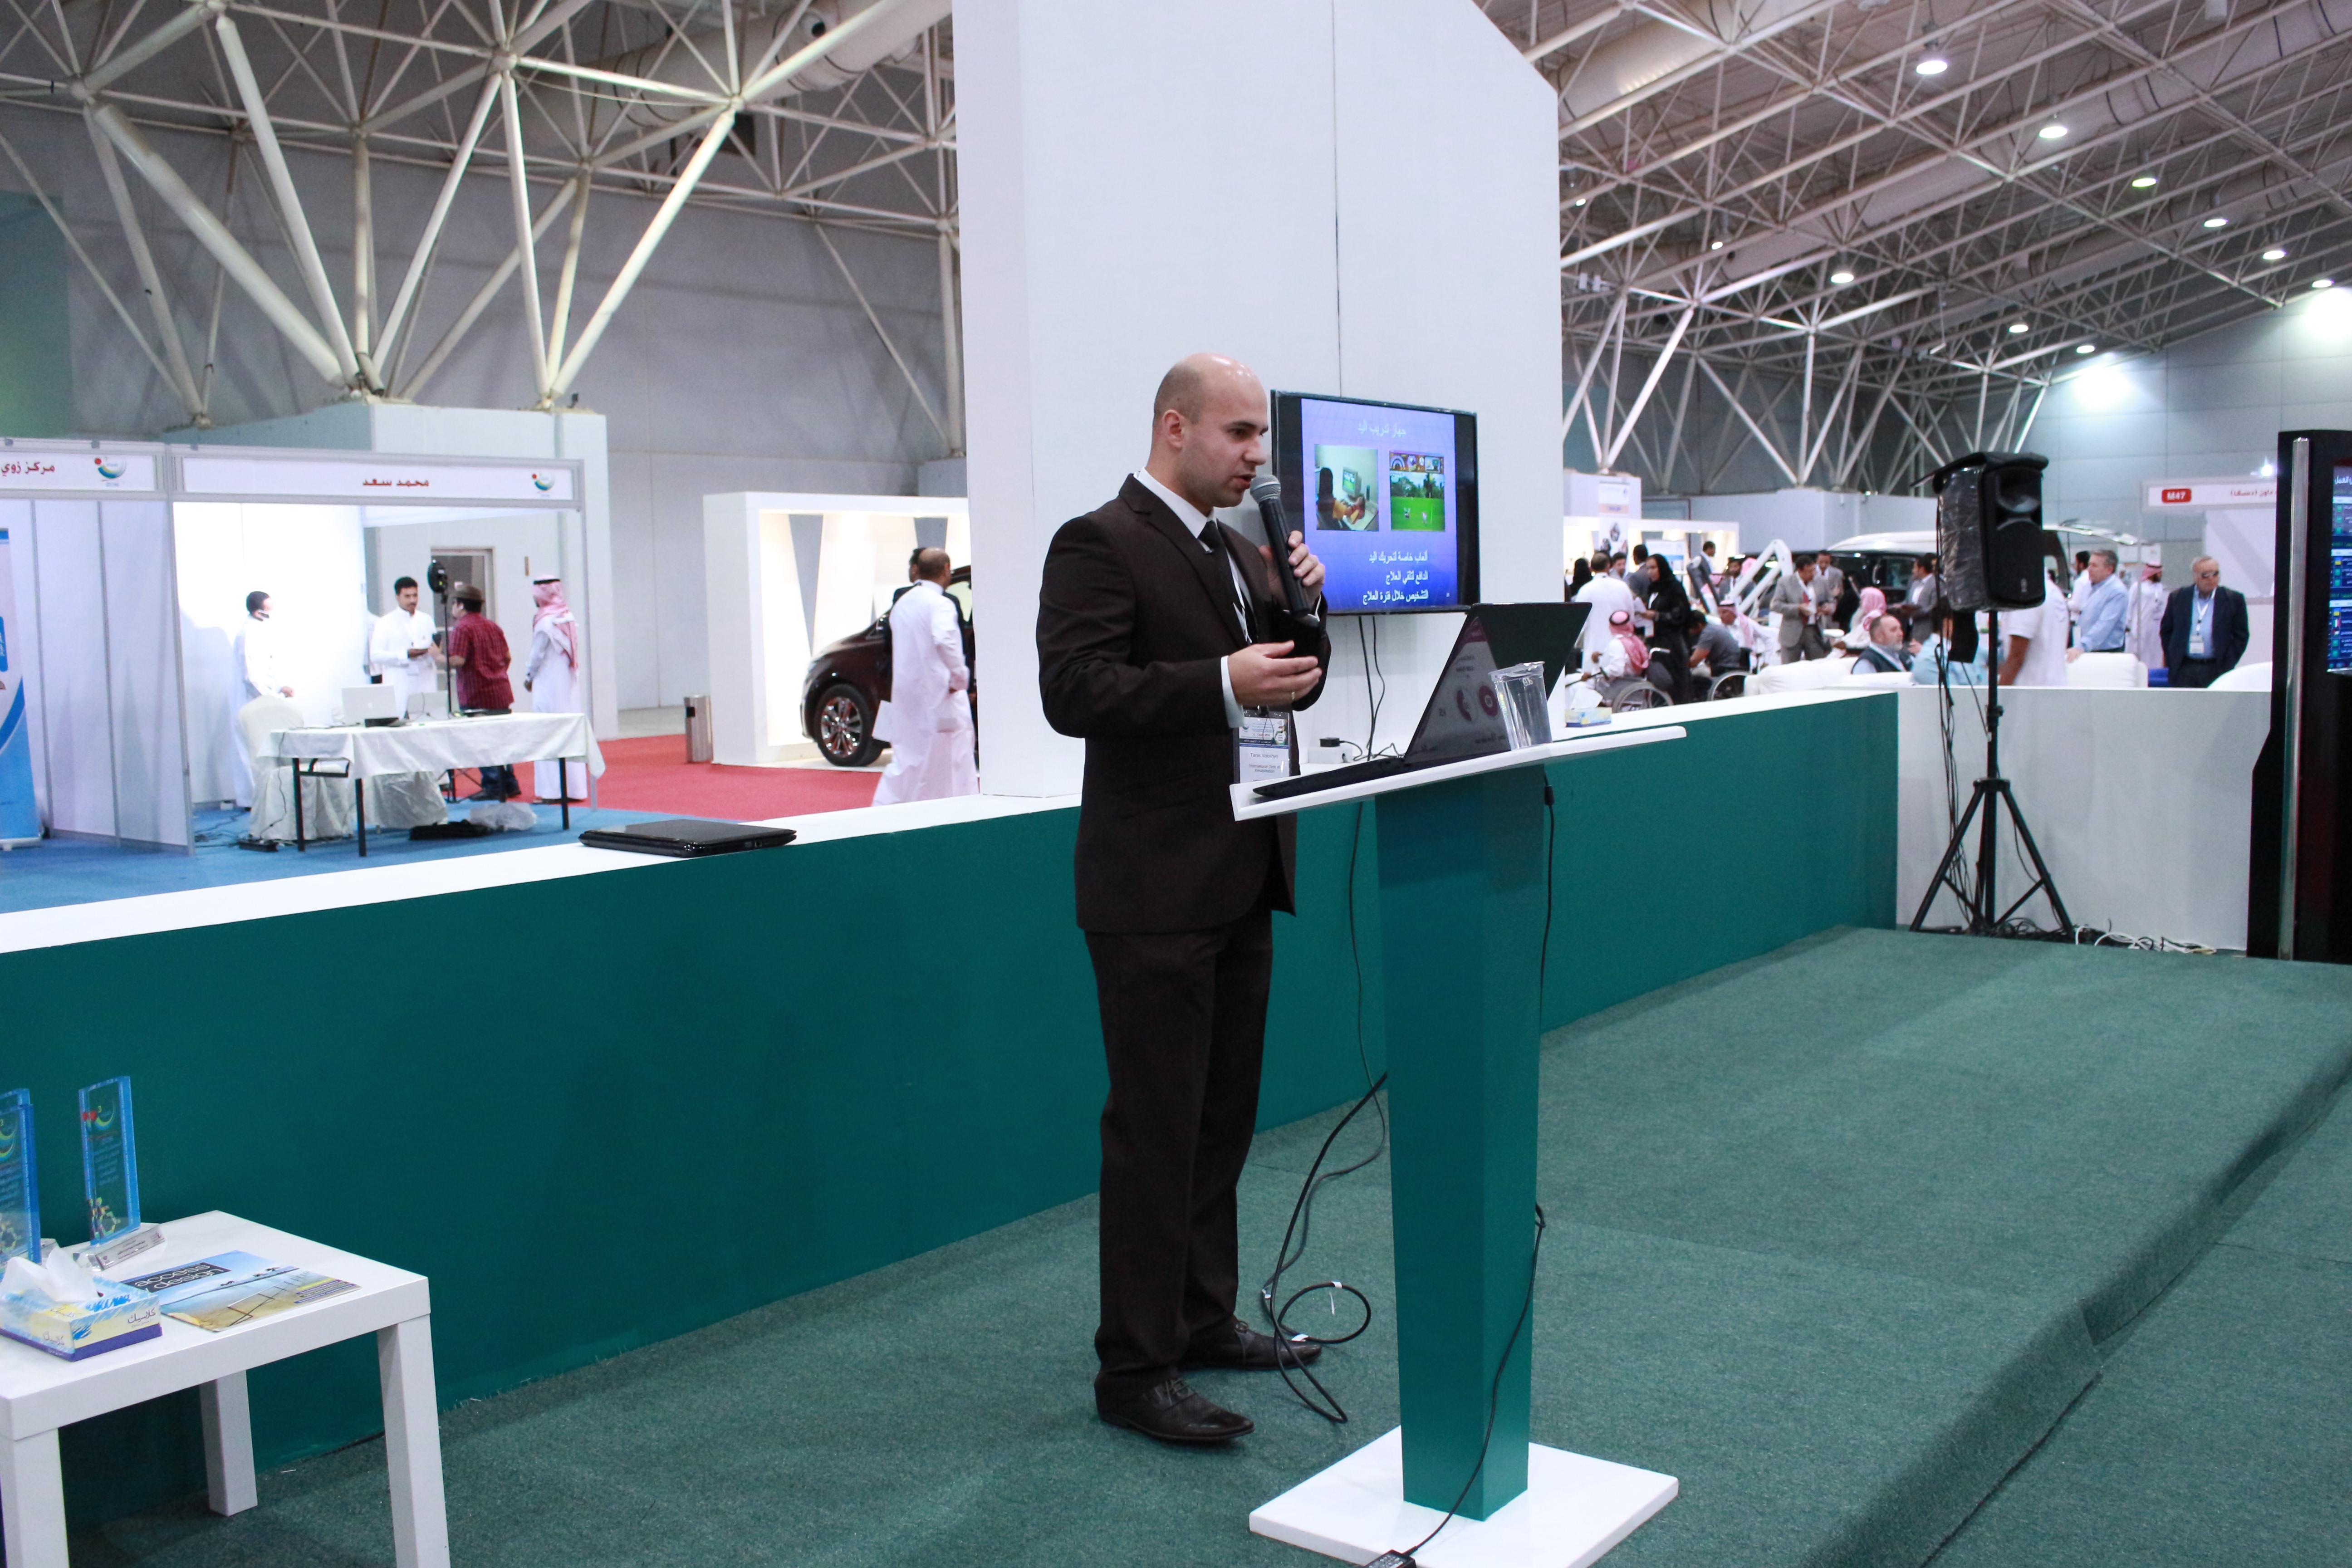 فعاليات المعرض السعودي الدولي الثالث لمستلزمات الاشخاص ذوي الاعاقة ضياء (1)